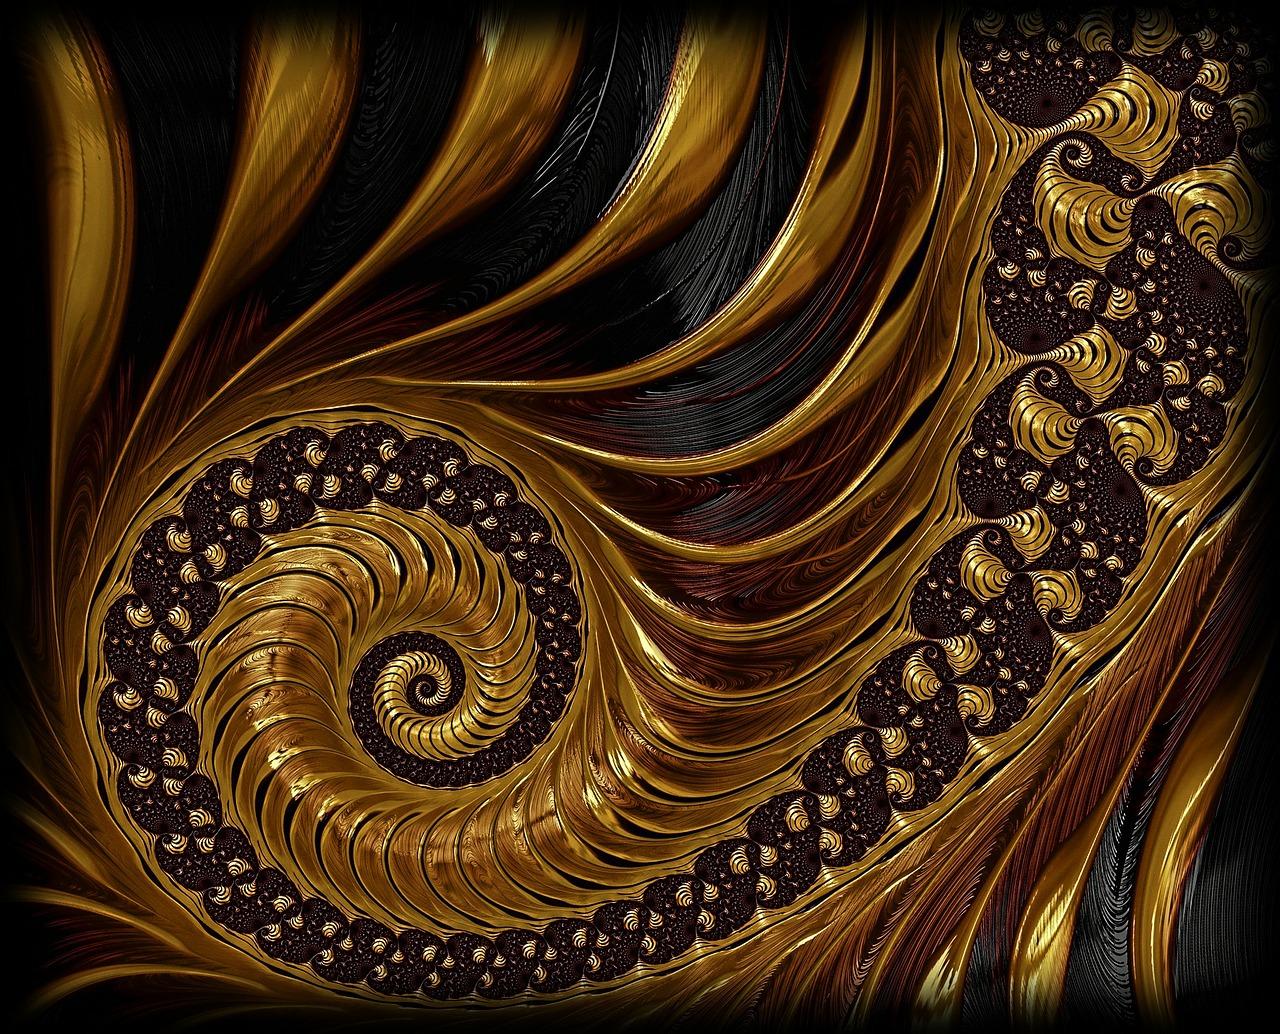 fractal-199054_1280